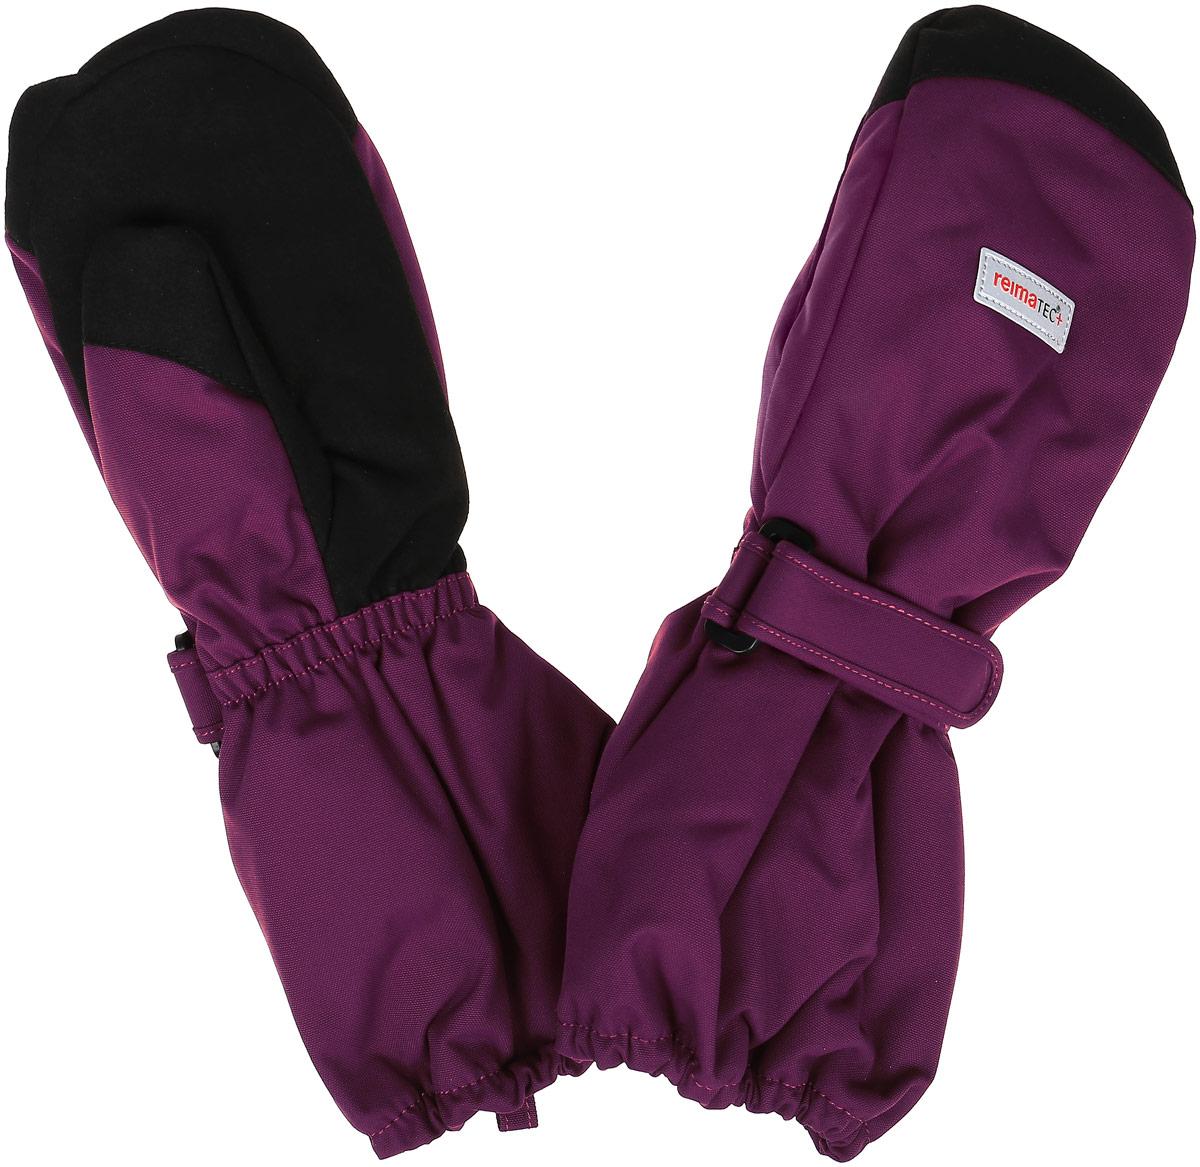 527250-4900Детские варежки Reima Reimatec+ Ote станут идеальным вариантом для холодной зимней погоды. На подкладке используется высококачественный полиэстер, который хорошо удерживает тепло. Для большего удобства на запястьях варежки дополнены хлястиками на липучках с внешней стороны, а на ладошках - усиленными вставками. С внешней стороны изделие оформлено нашивками со светоотражающим логотипом бренда. Высокая степень утепления. Варежки станут идеальным вариантом для прохладной погоды, в них ребенку будет тепло и комфортно.